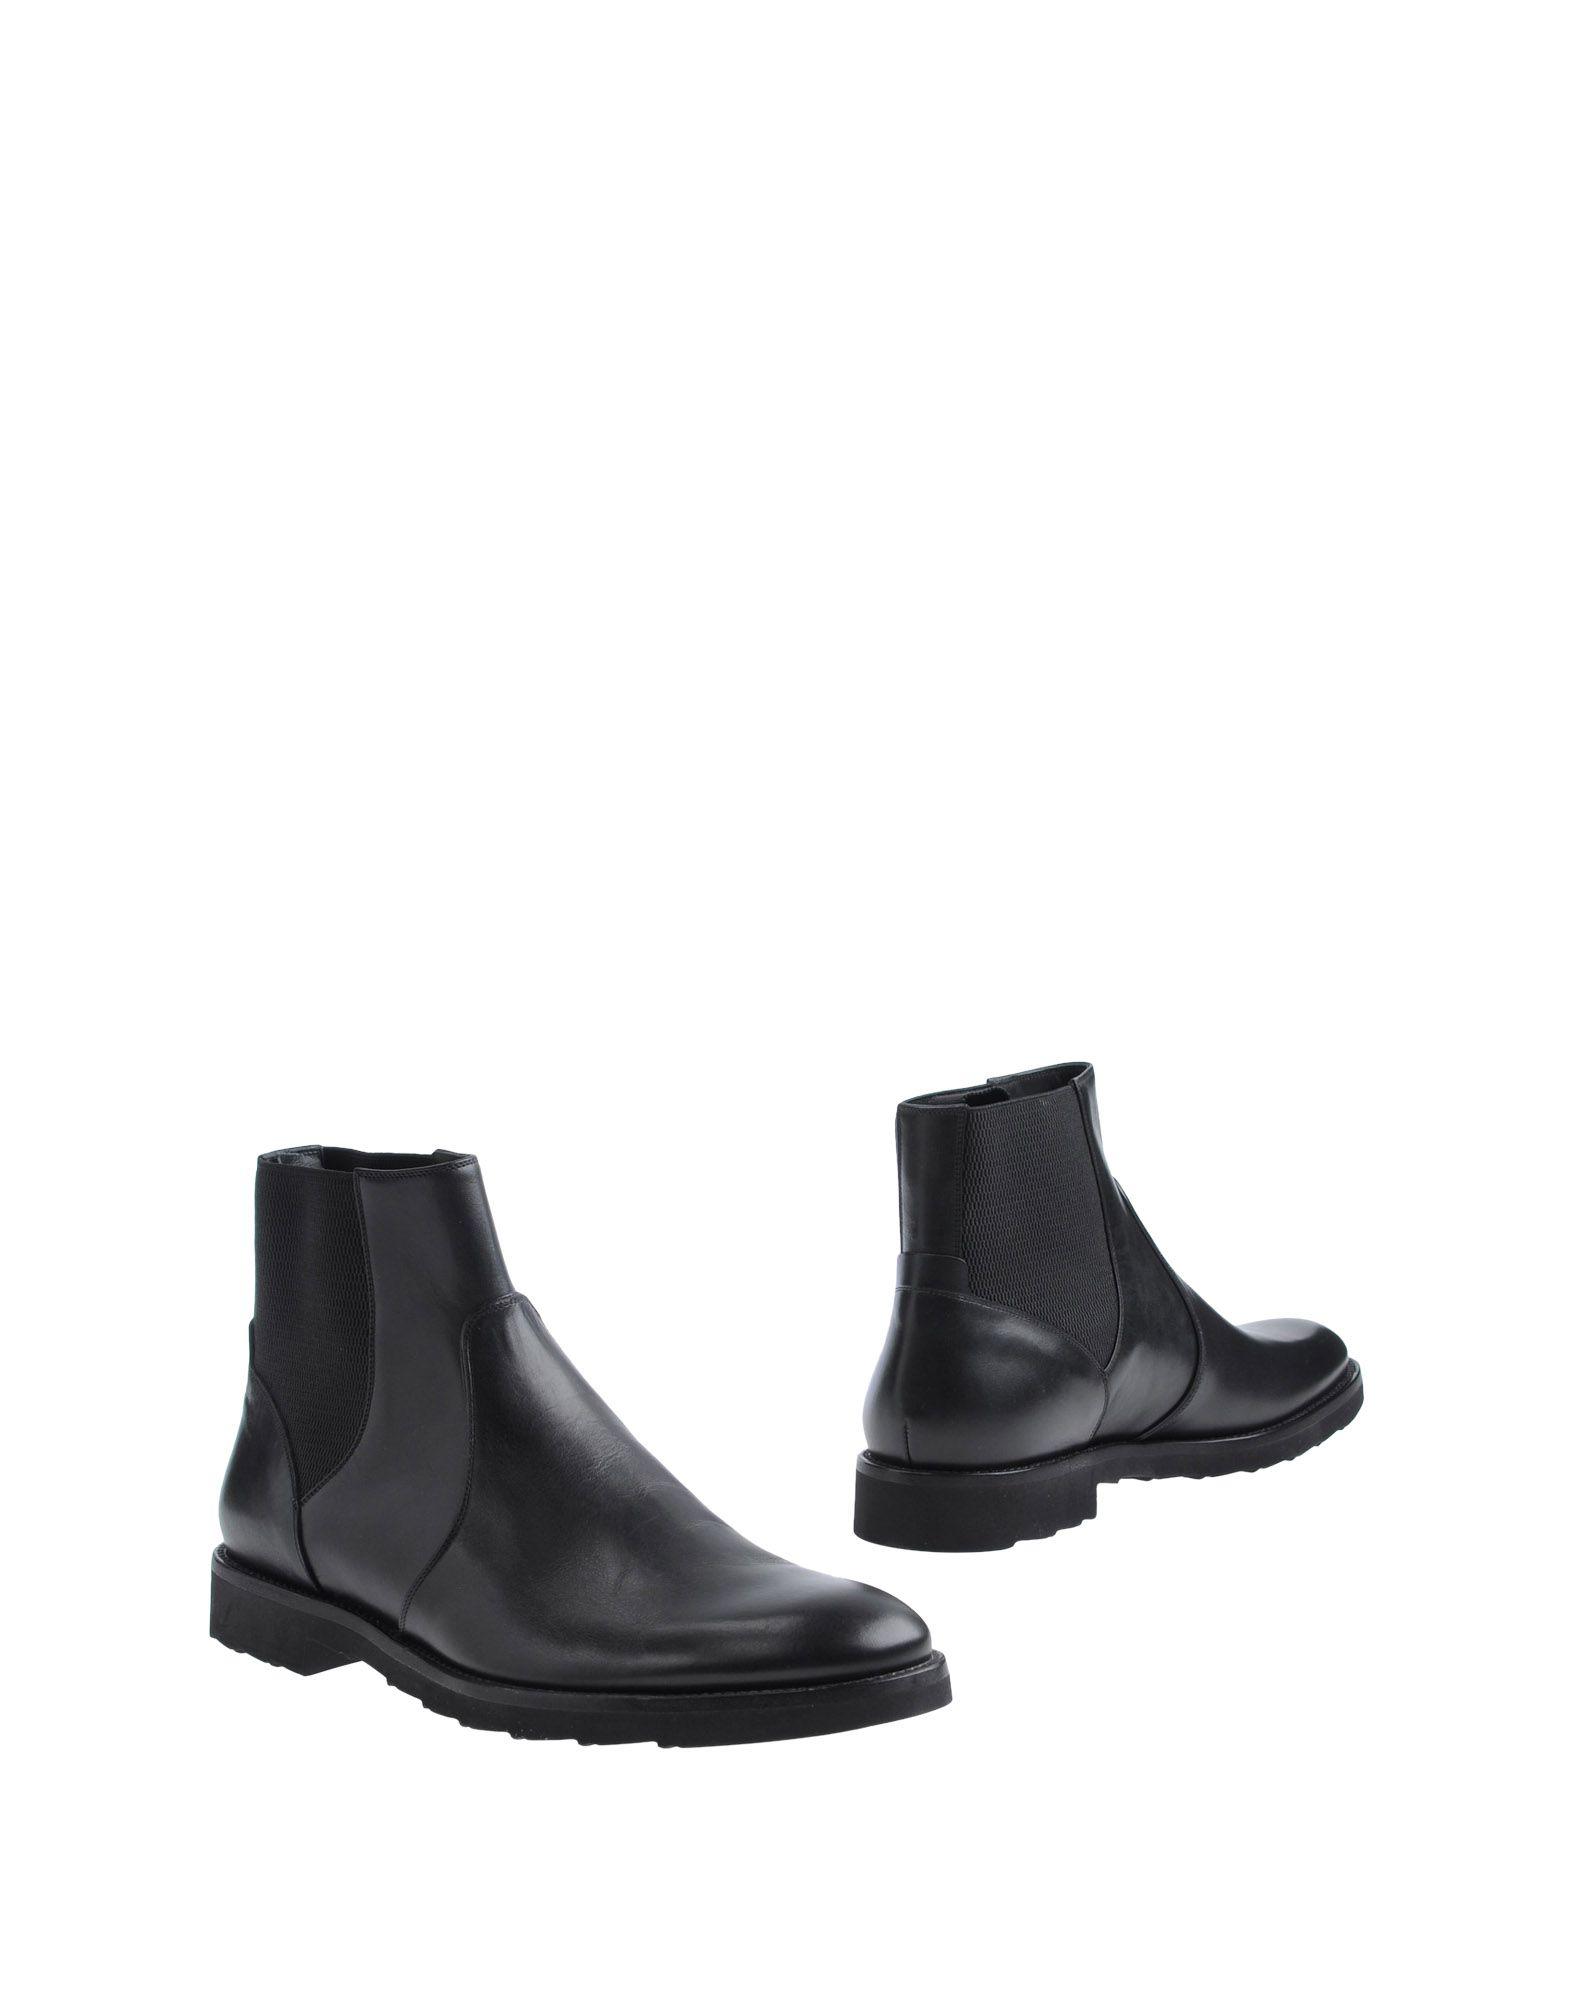 Dolce & Gabbana Stiefelette sich Herren Gutes Preis-Leistungs-Verhältnis, es lohnt sich Stiefelette 8906 f5f5f8